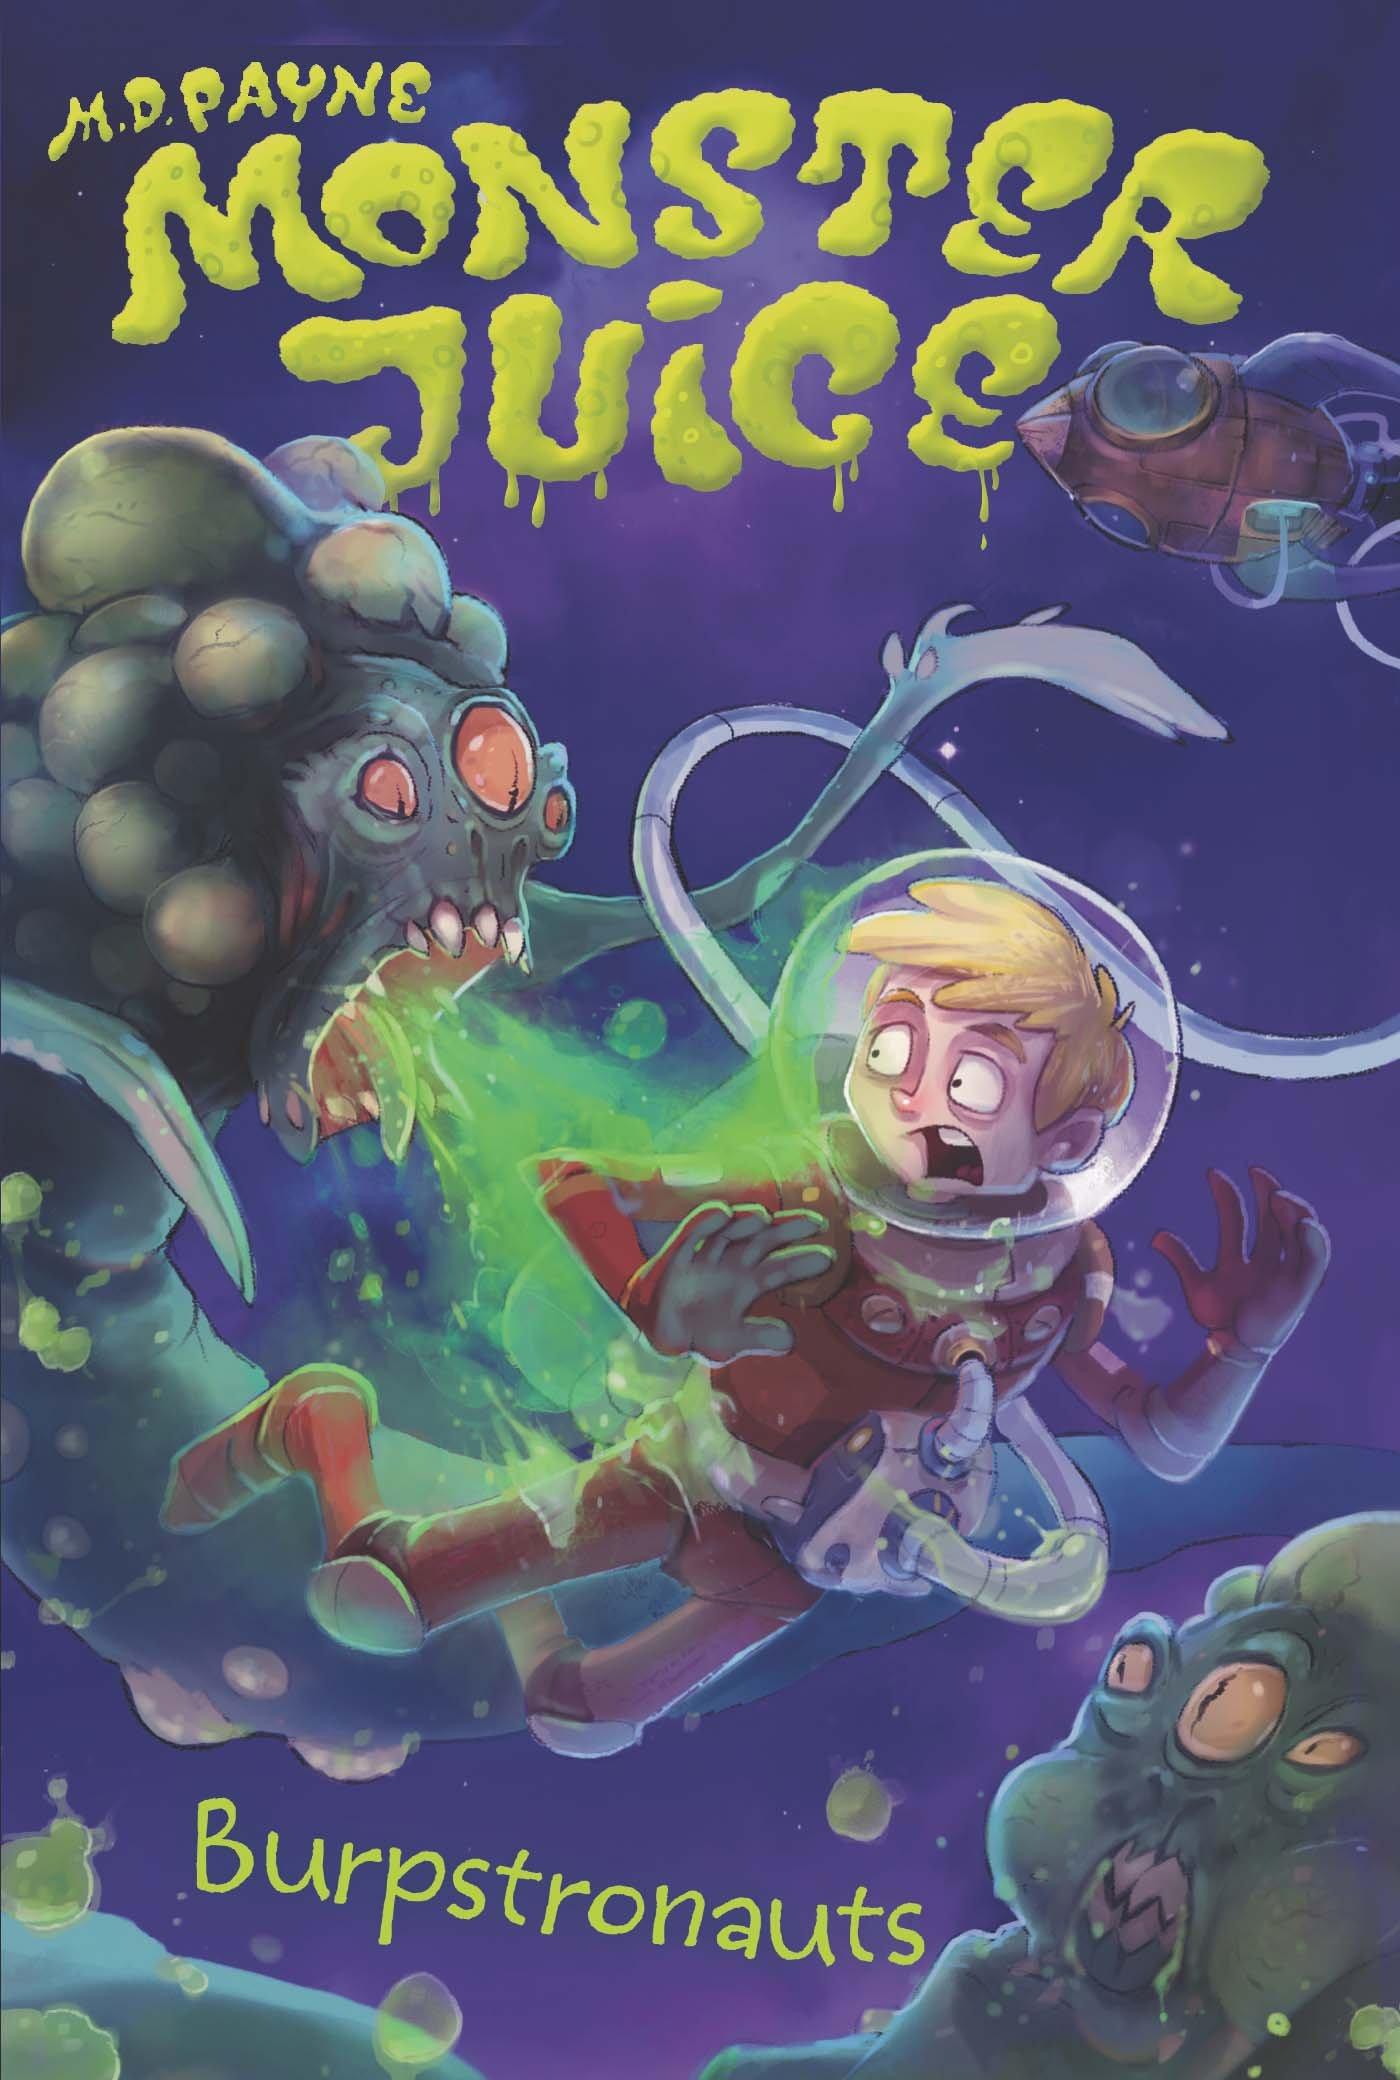 Read Online Burpstronauts #4 (Monster Juice) ebook